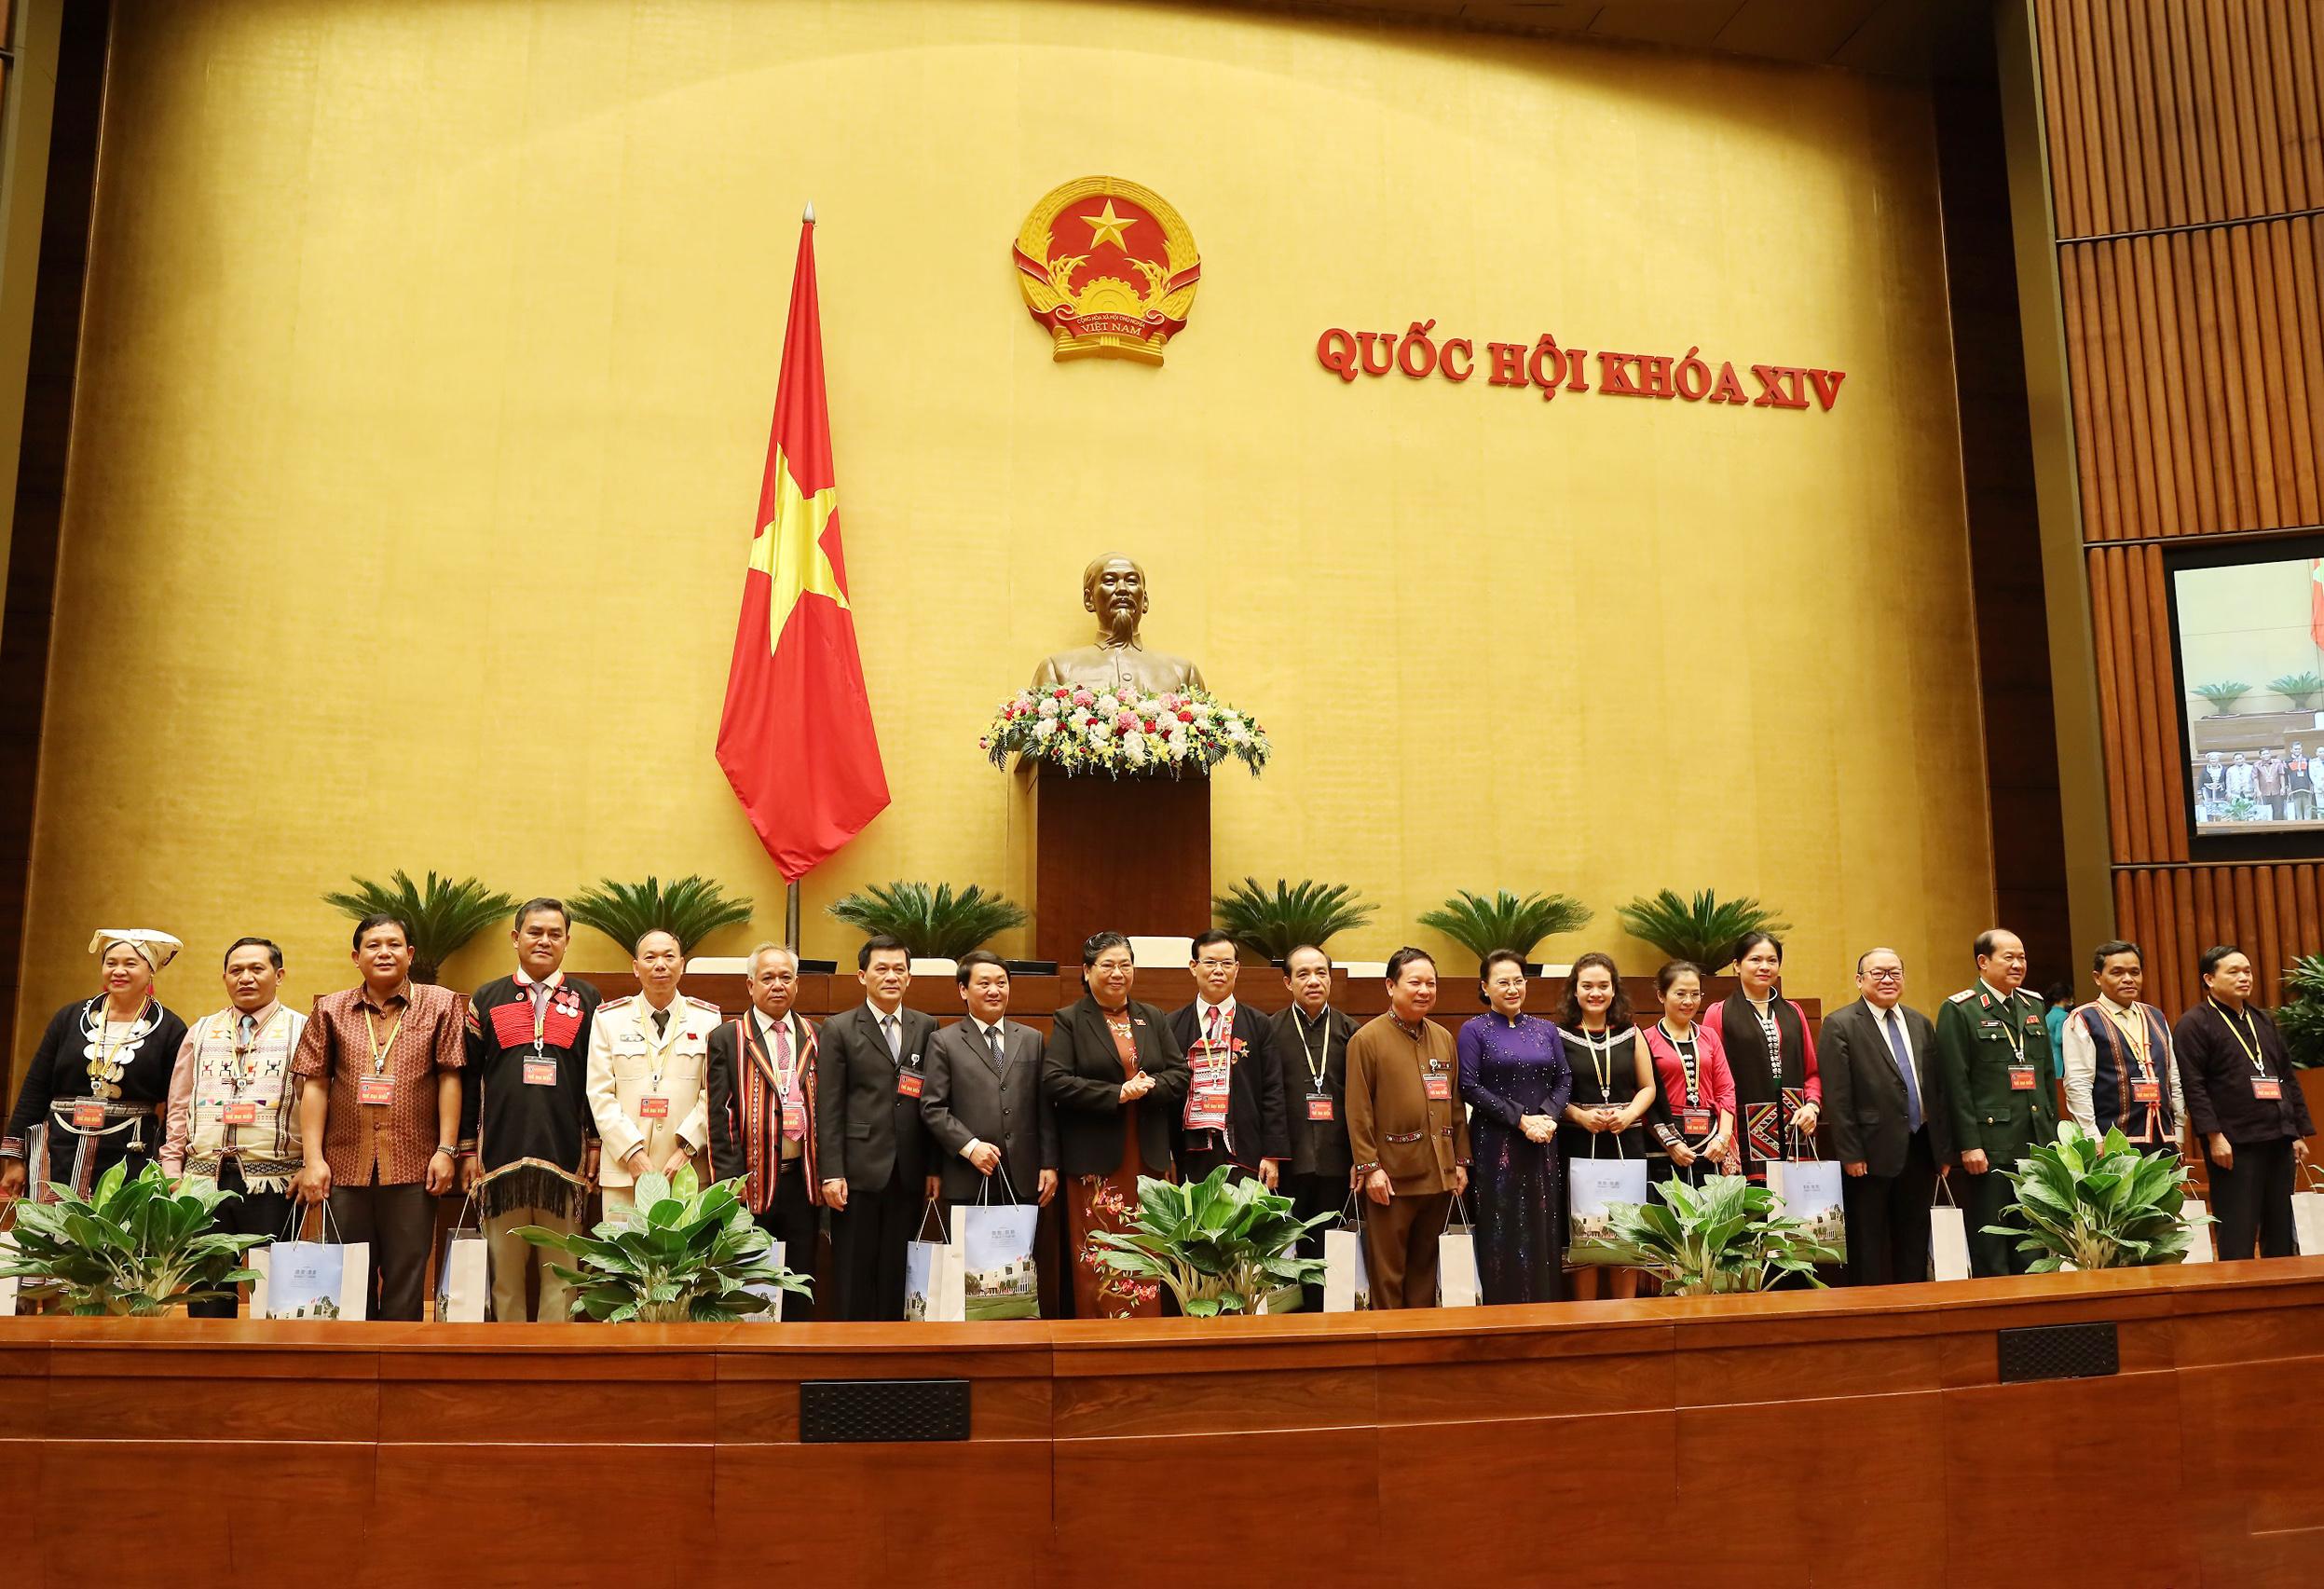 Chủ tịch Quốc hội Nguyễn Thị Kim Ngân và Phó Chủ tịch Thường trực Quốc hội Tòng Thị Phóng tặng quà cho các đại biểu